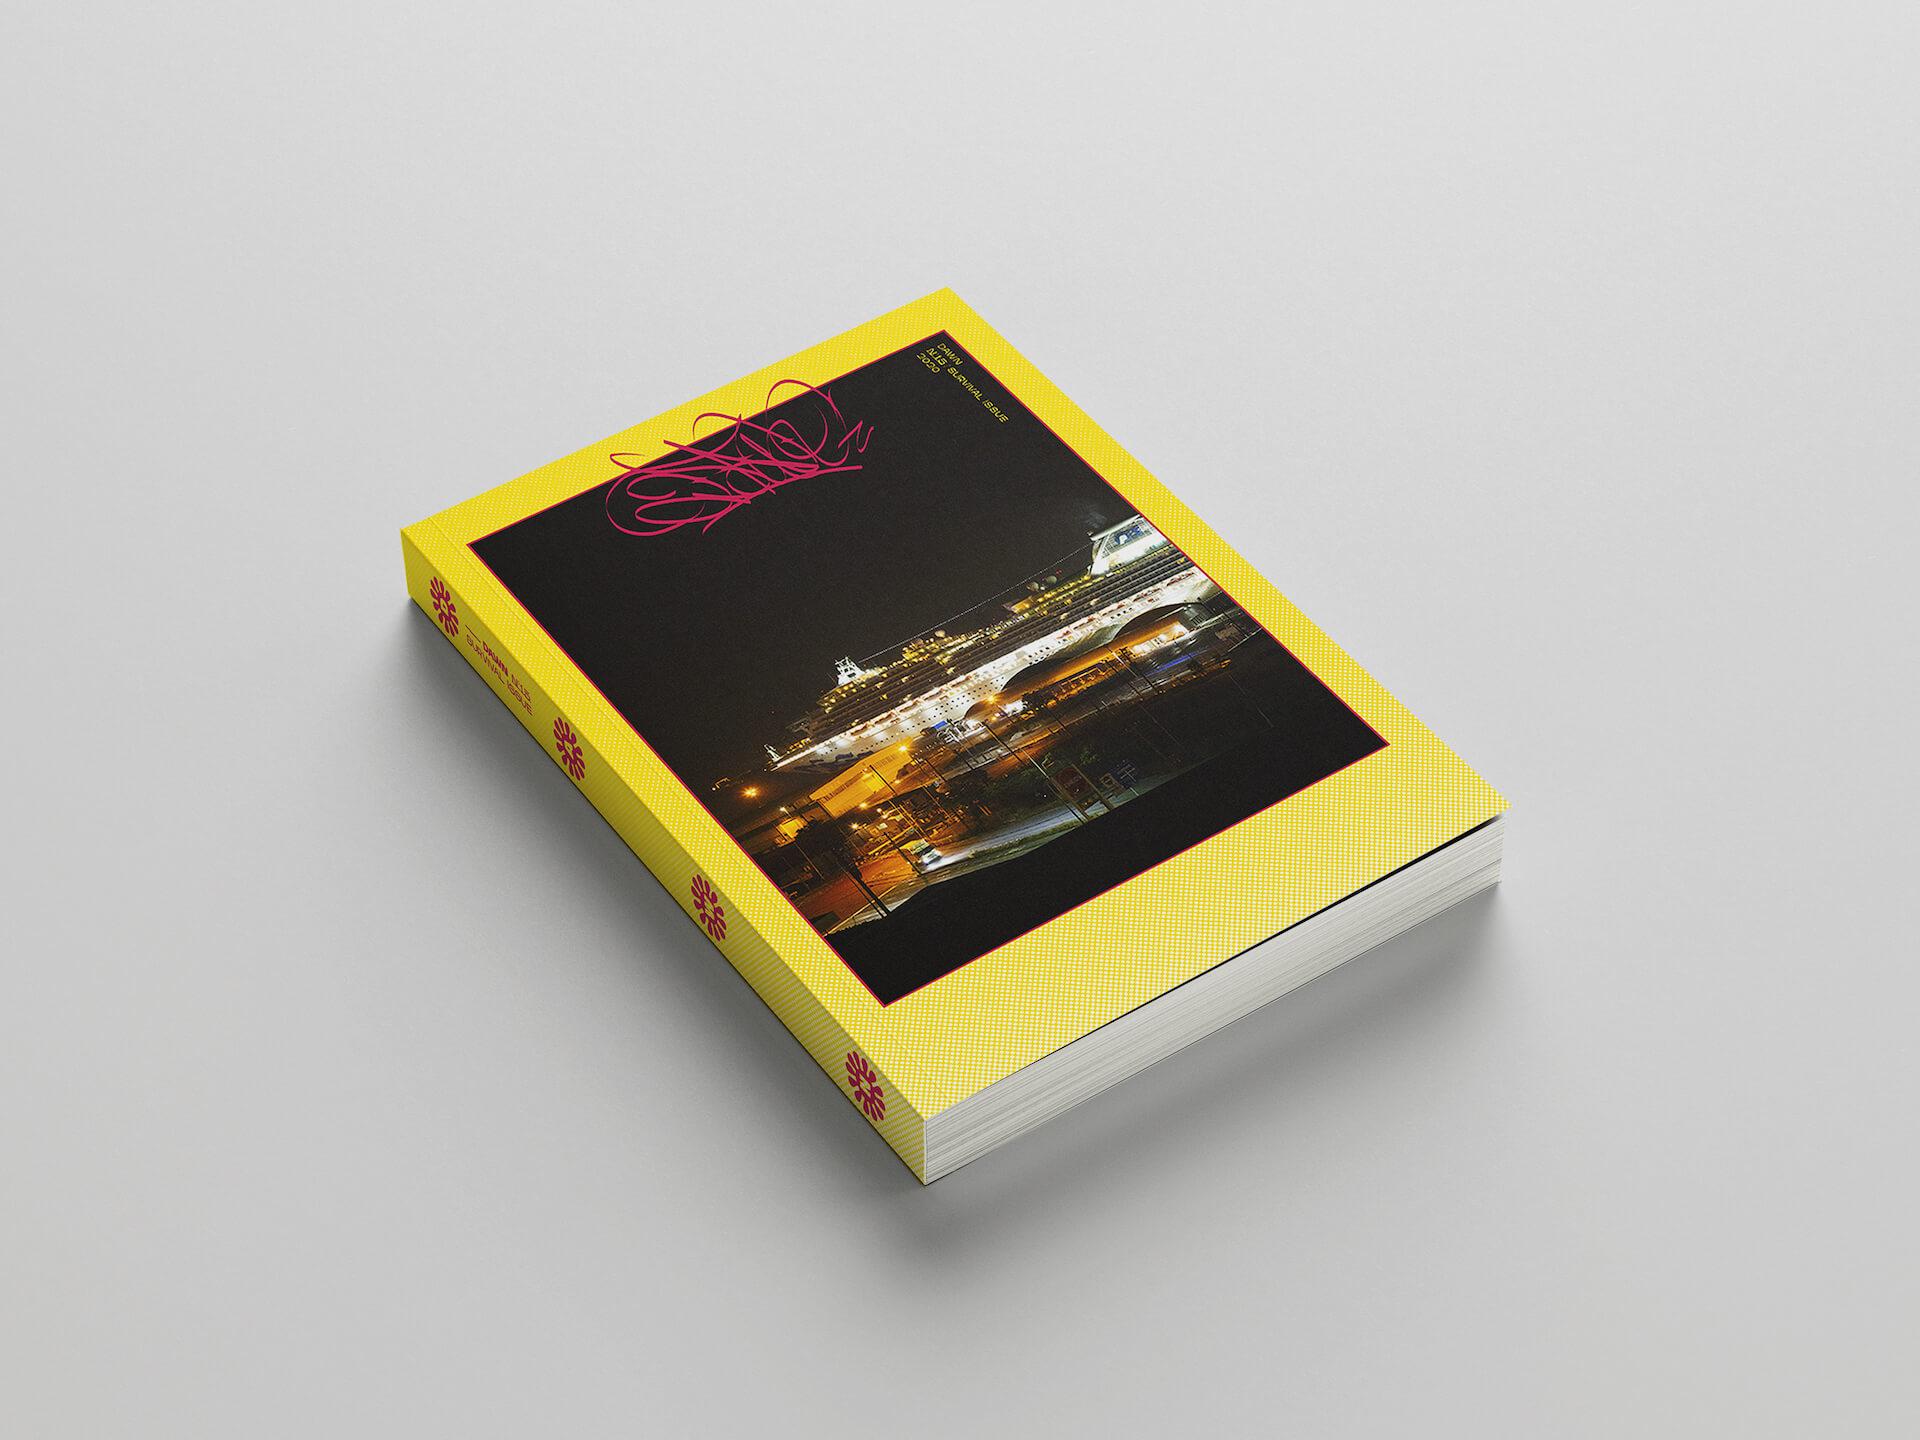 ストリートカルチャーマガジン『DAWN』の特別号が発売決定|tofubeats、マヒトゥ・ザ・ピーポー、Mars89、釈迦坊主らのコロナ禍中を記録 art200814_dawn_1